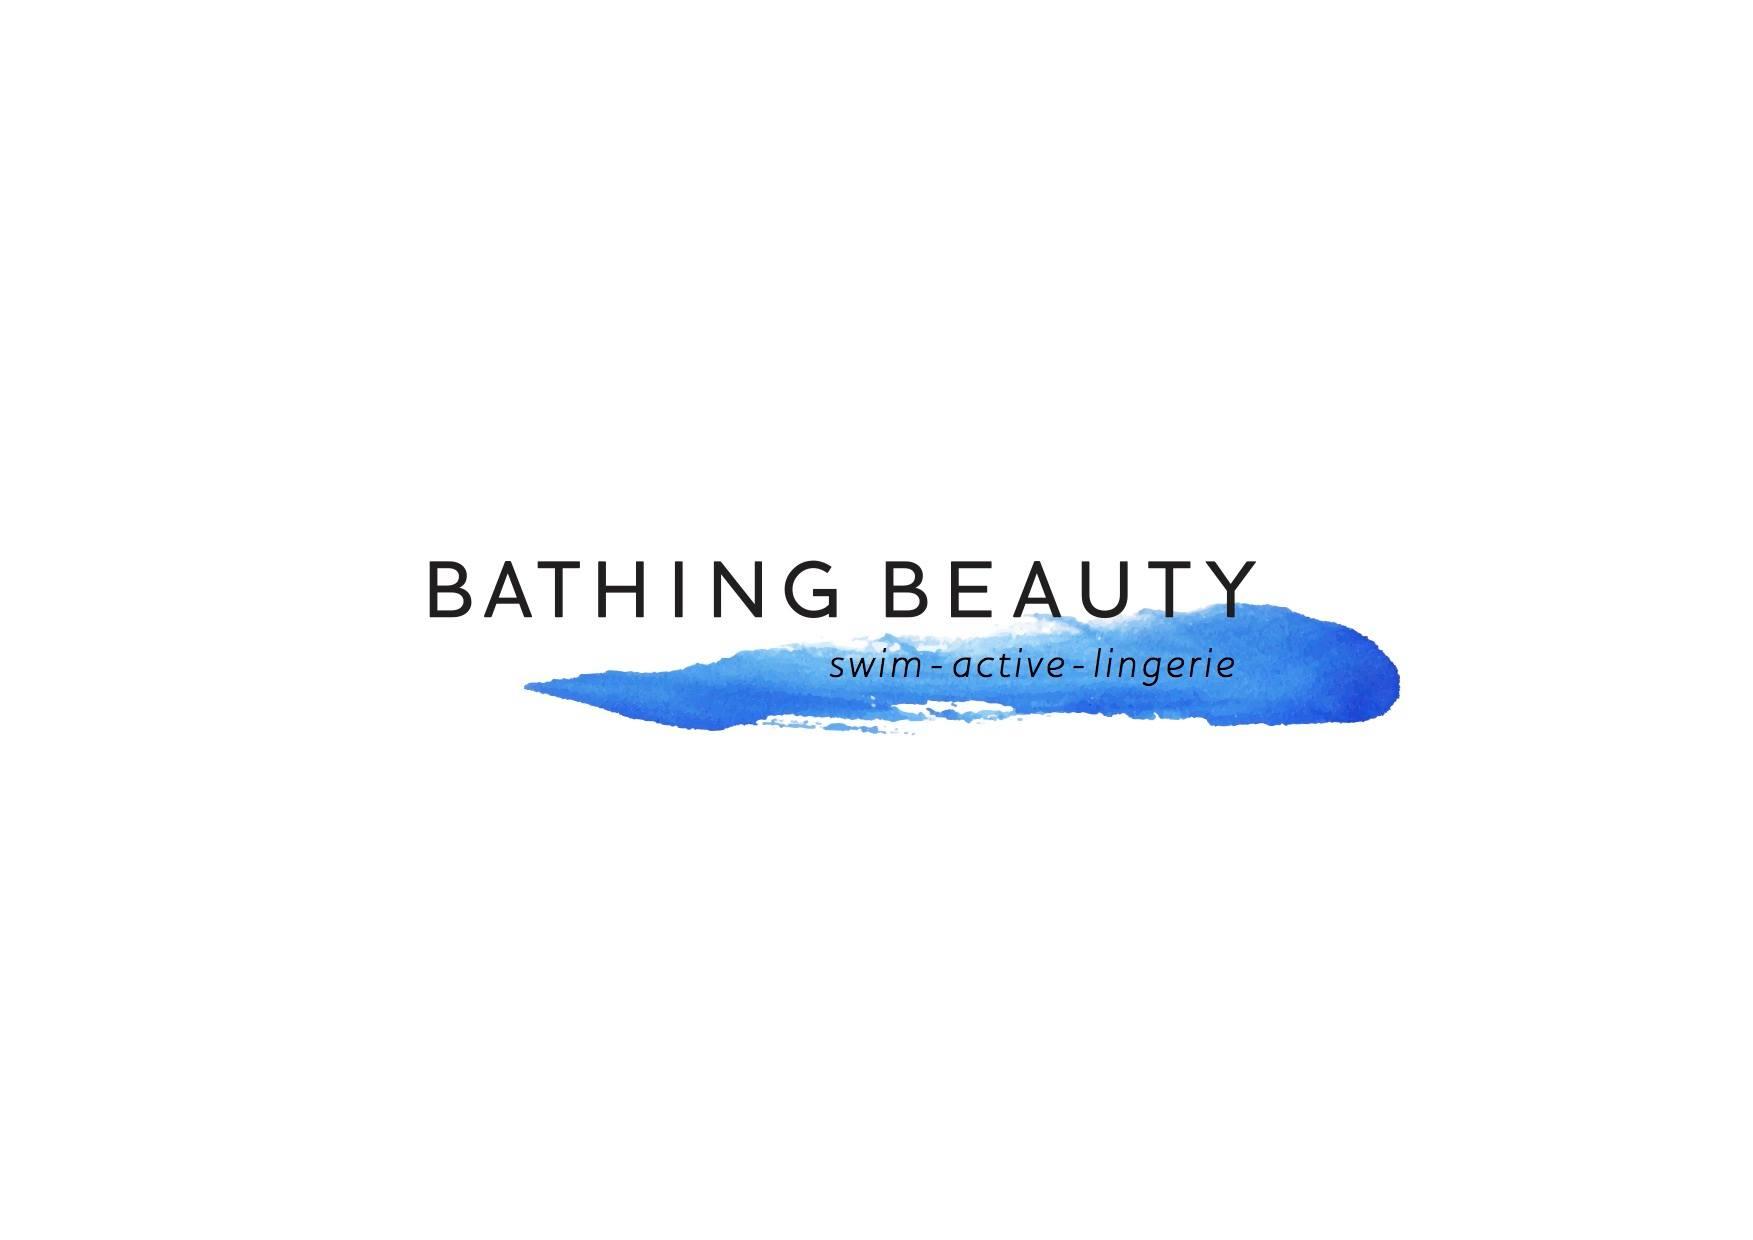 bathingbeauty